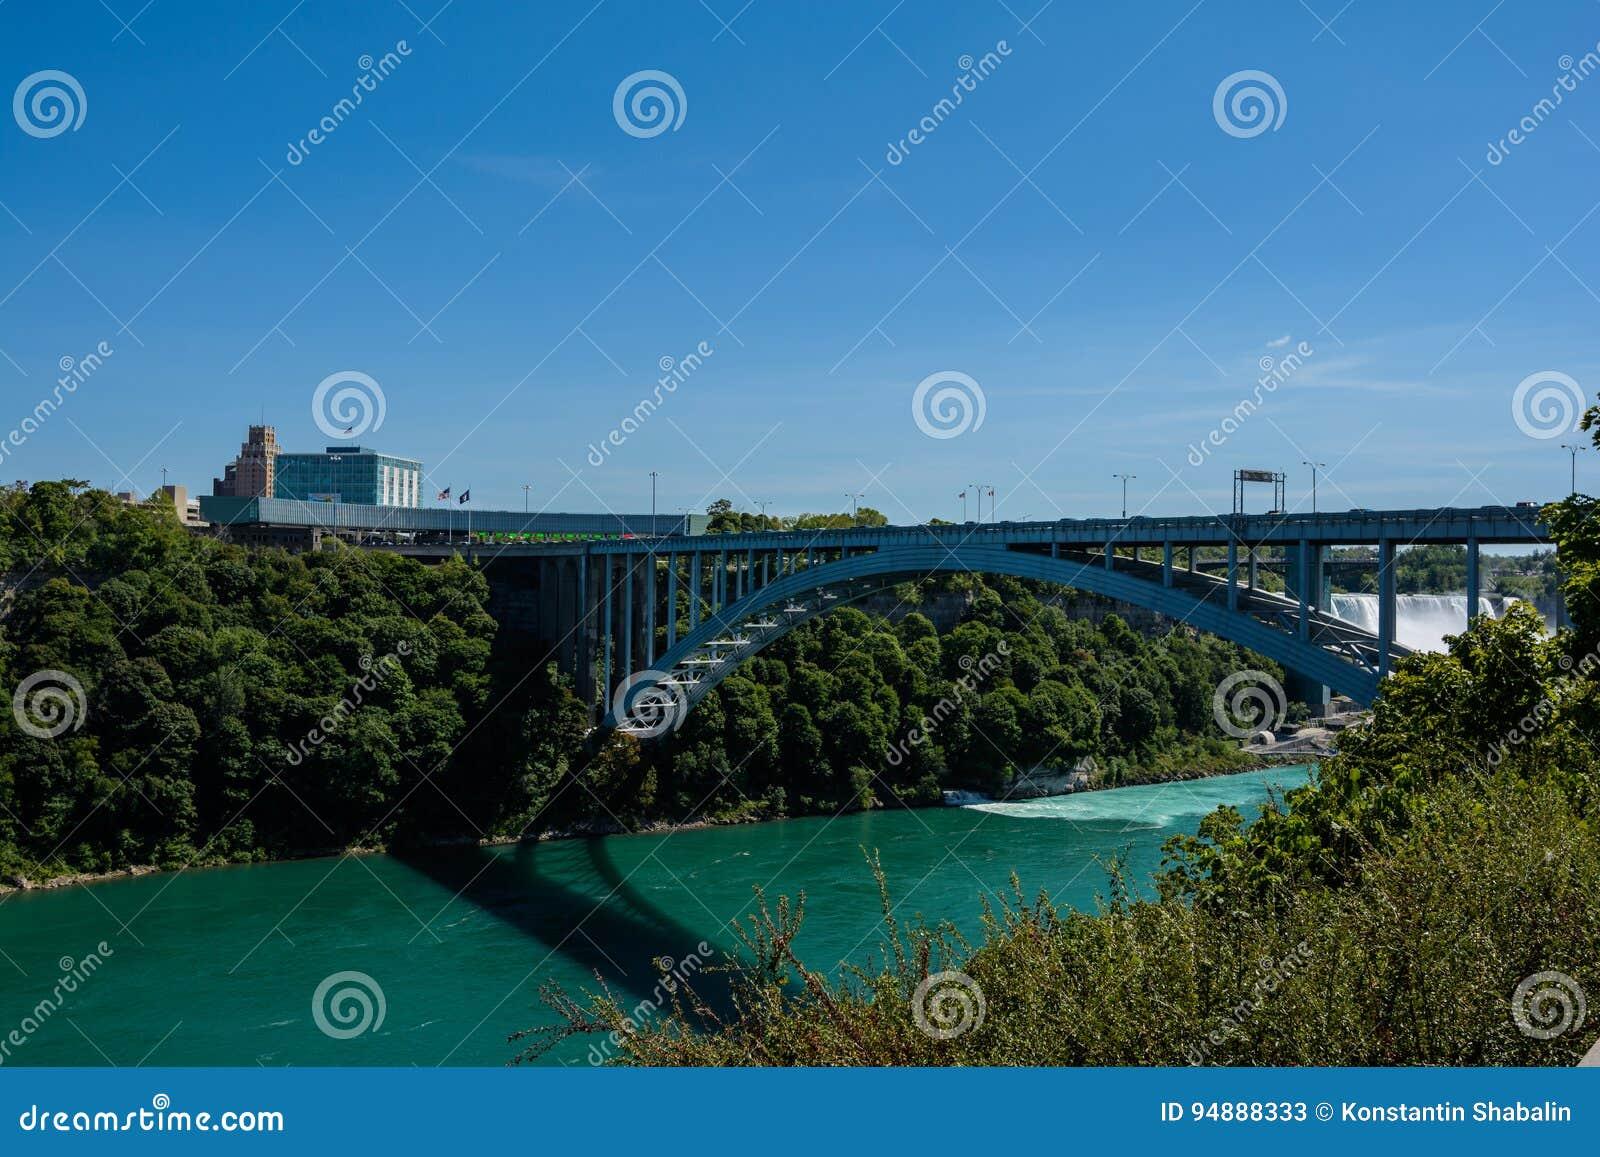 Tęcza most na granicie Kanada i Stany Zjednoczone